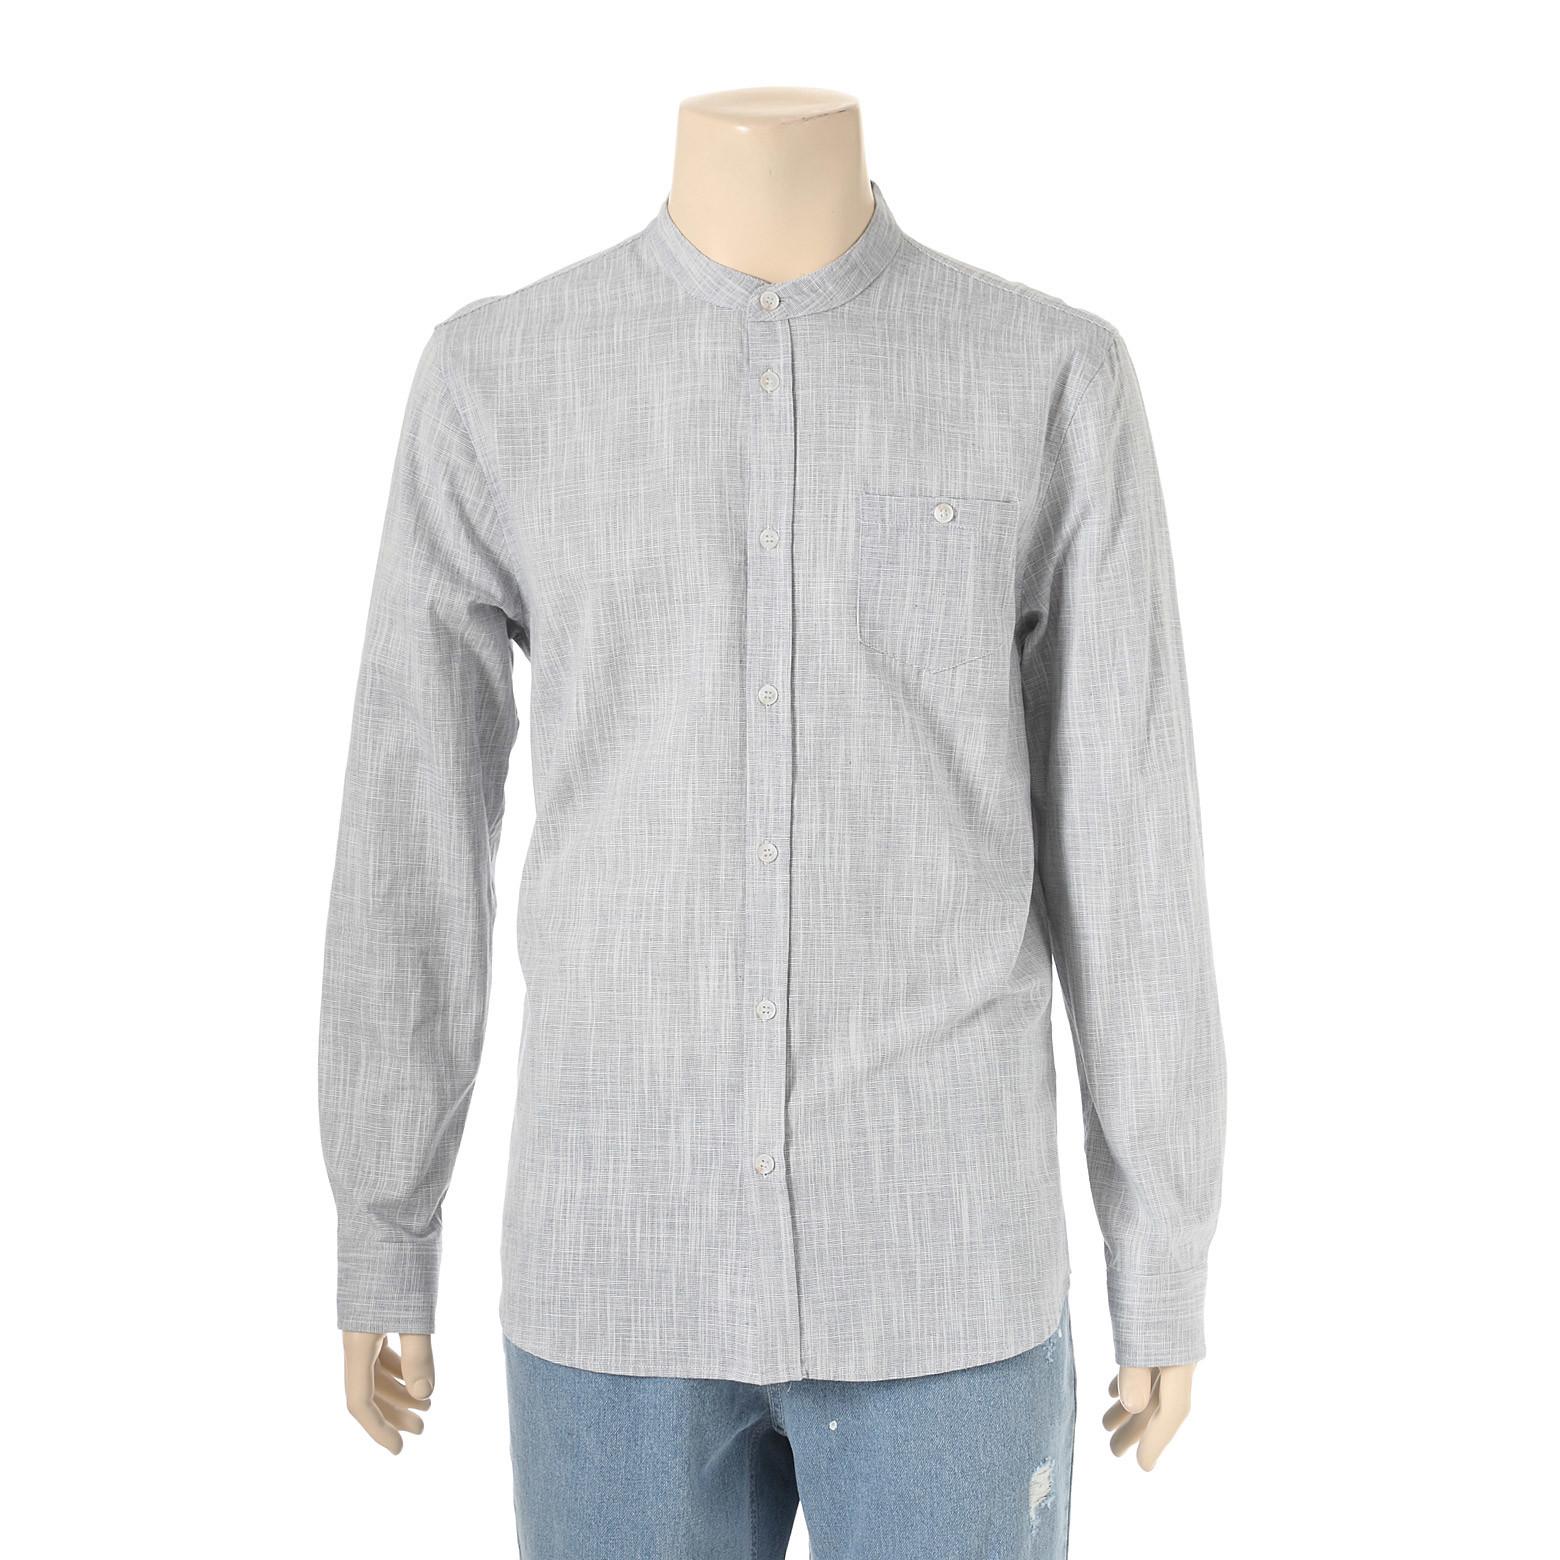 헨리넥 면슬럽 셔츠 UCSA201A